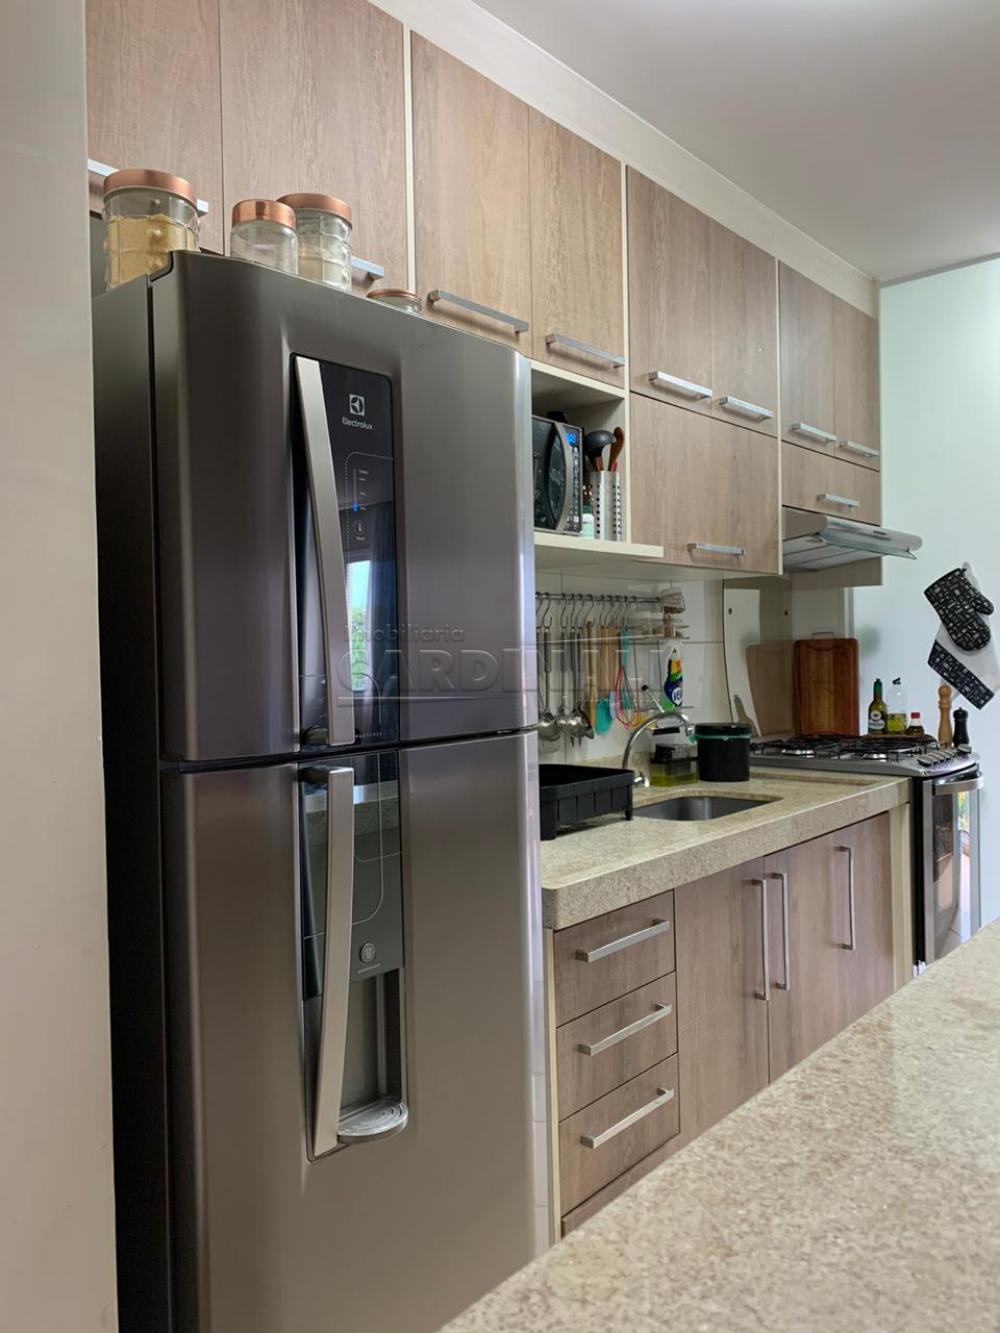 Comprar Apartamento / Padrão em São Carlos apenas R$ 455.000,00 - Foto 8